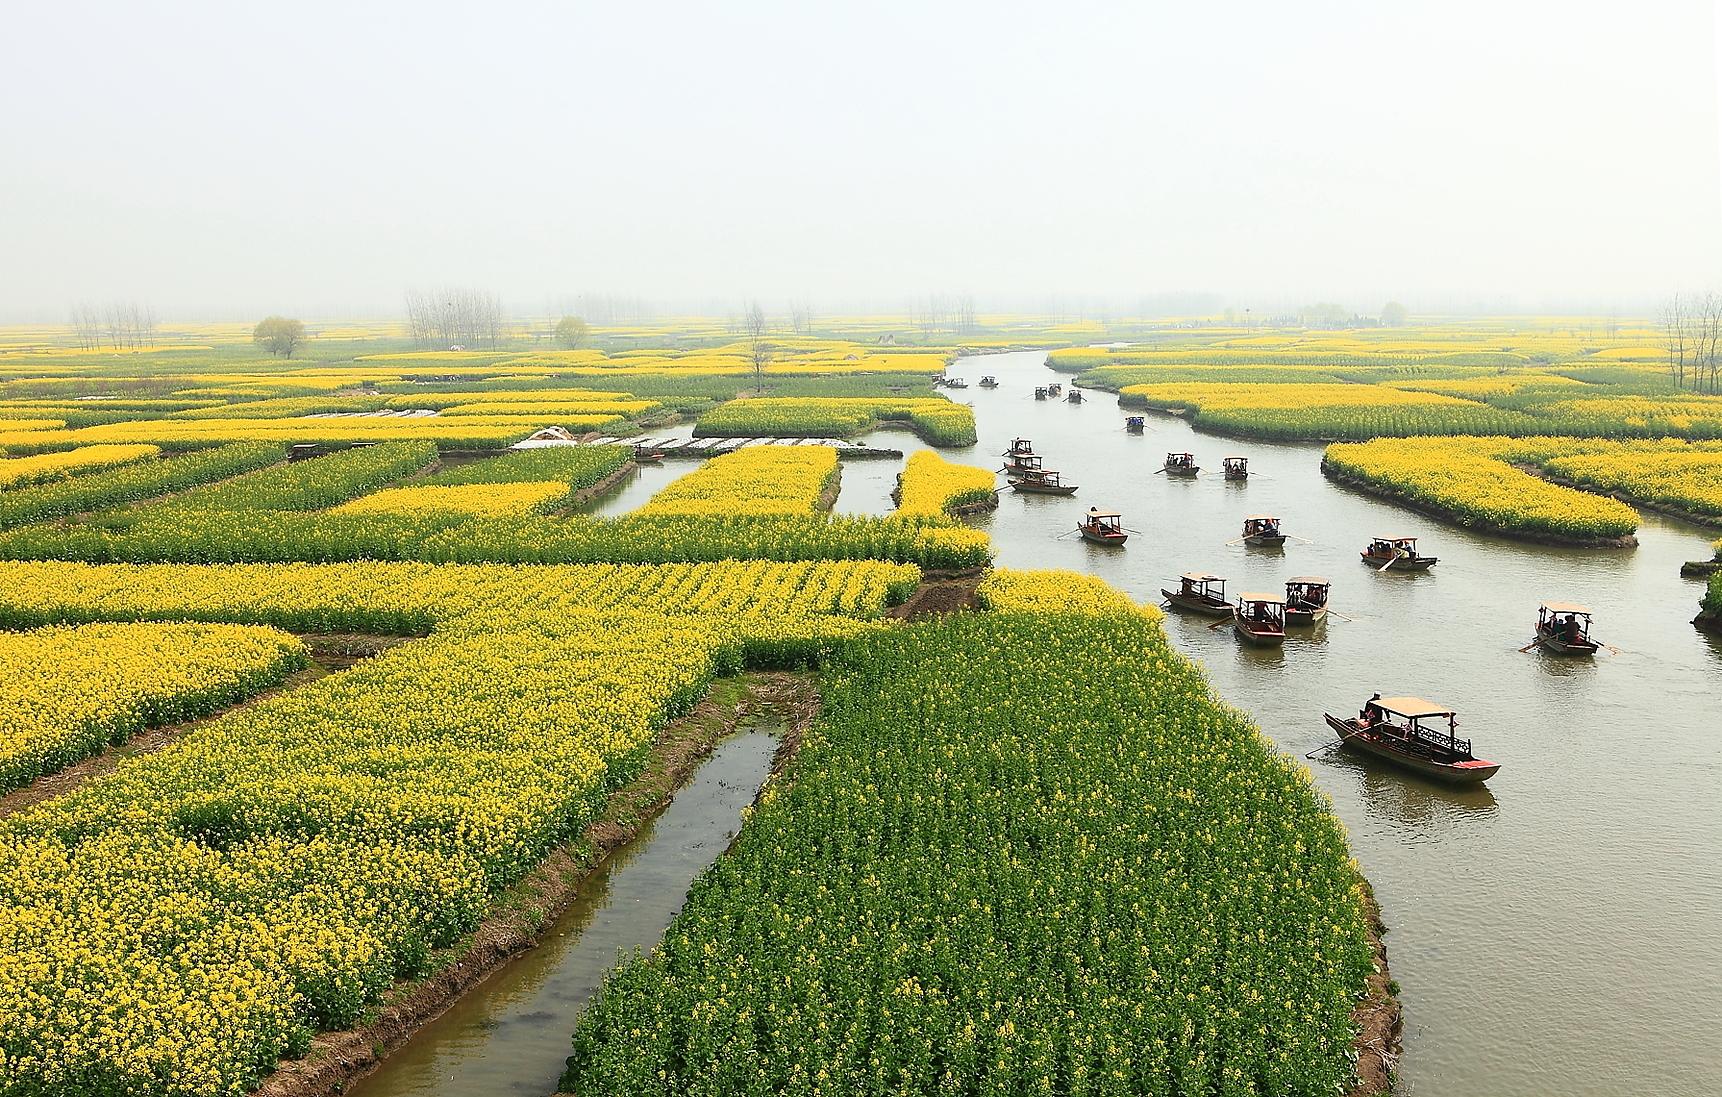 千岛菜花风景区